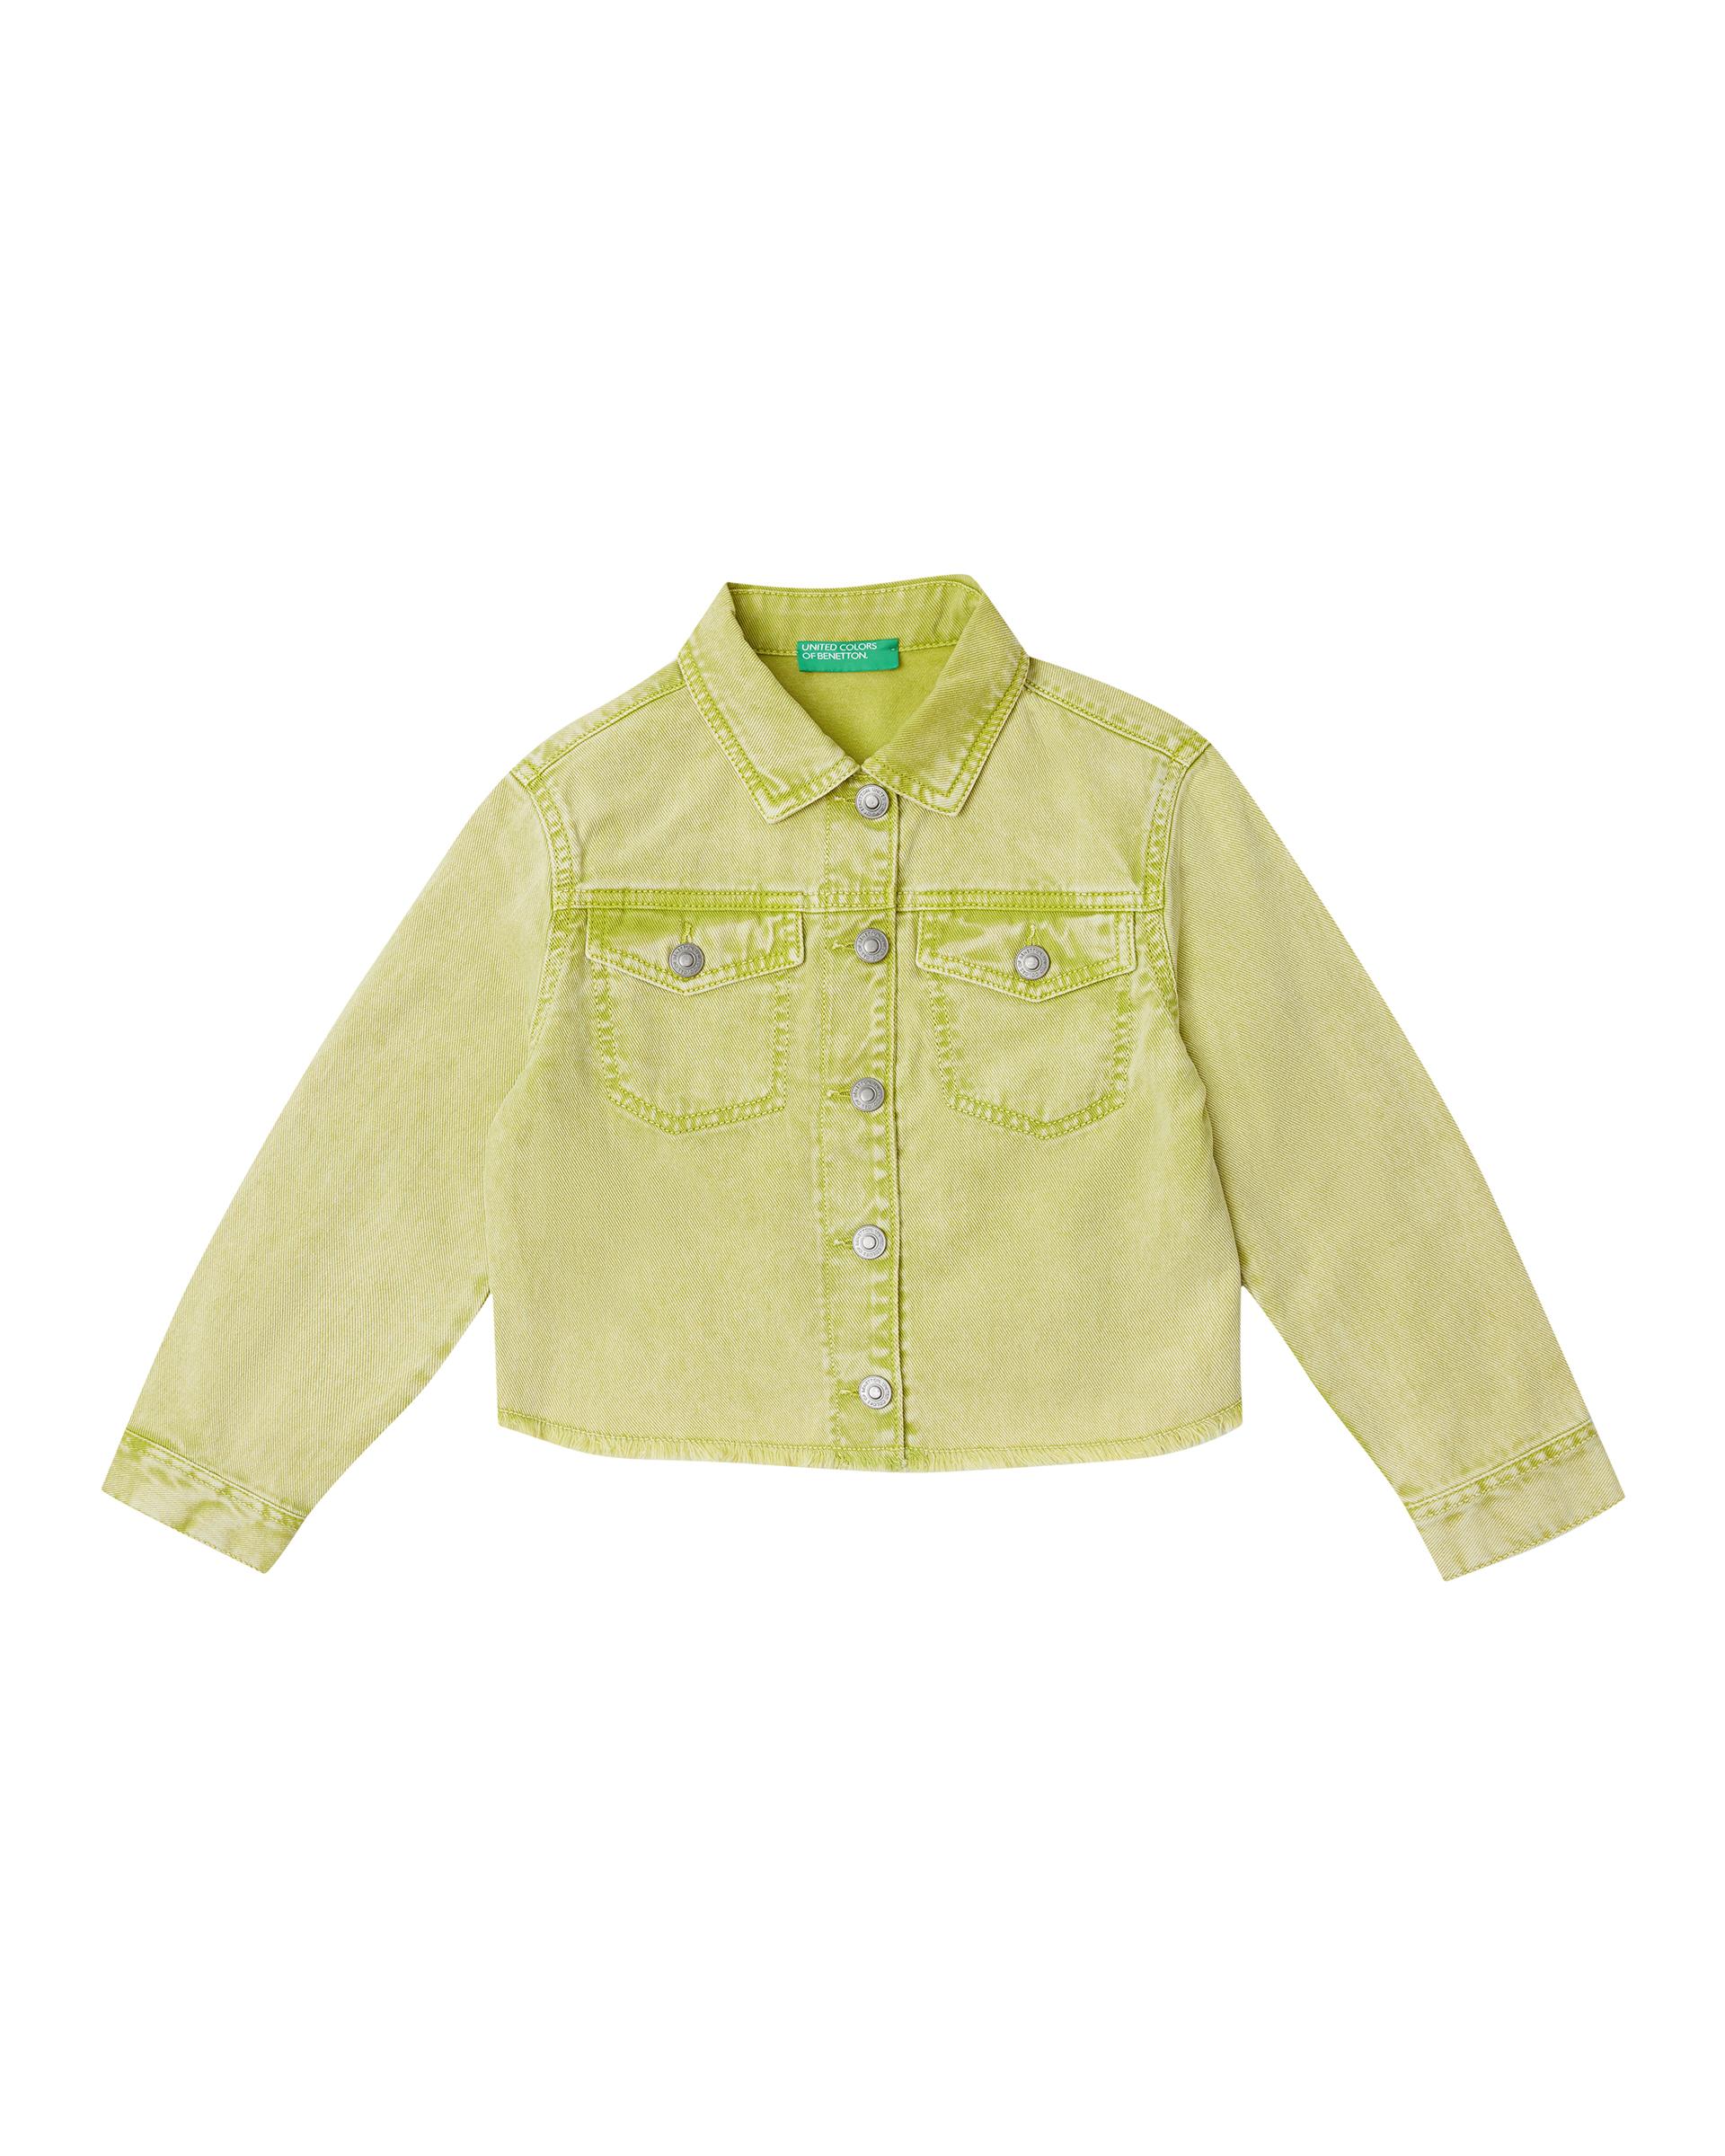 Купить 20P_2PL353HW0_902, Джинсовая куртка для девочек Benetton 2PL353HW0_902 р-р 152, United Colors of Benetton, Куртки для девочек